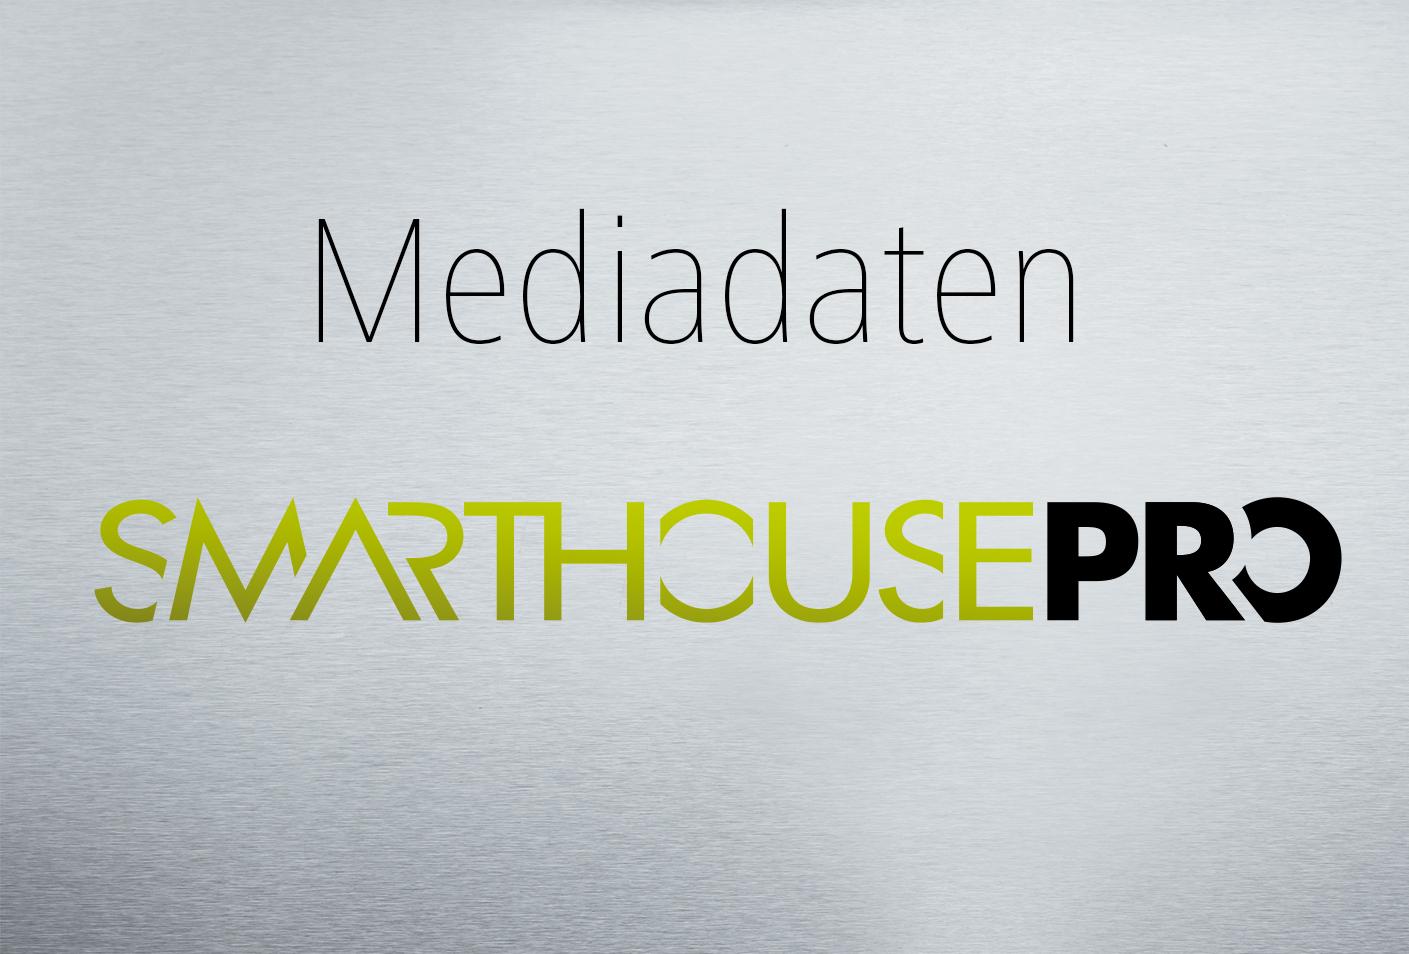 smarthouse-pro